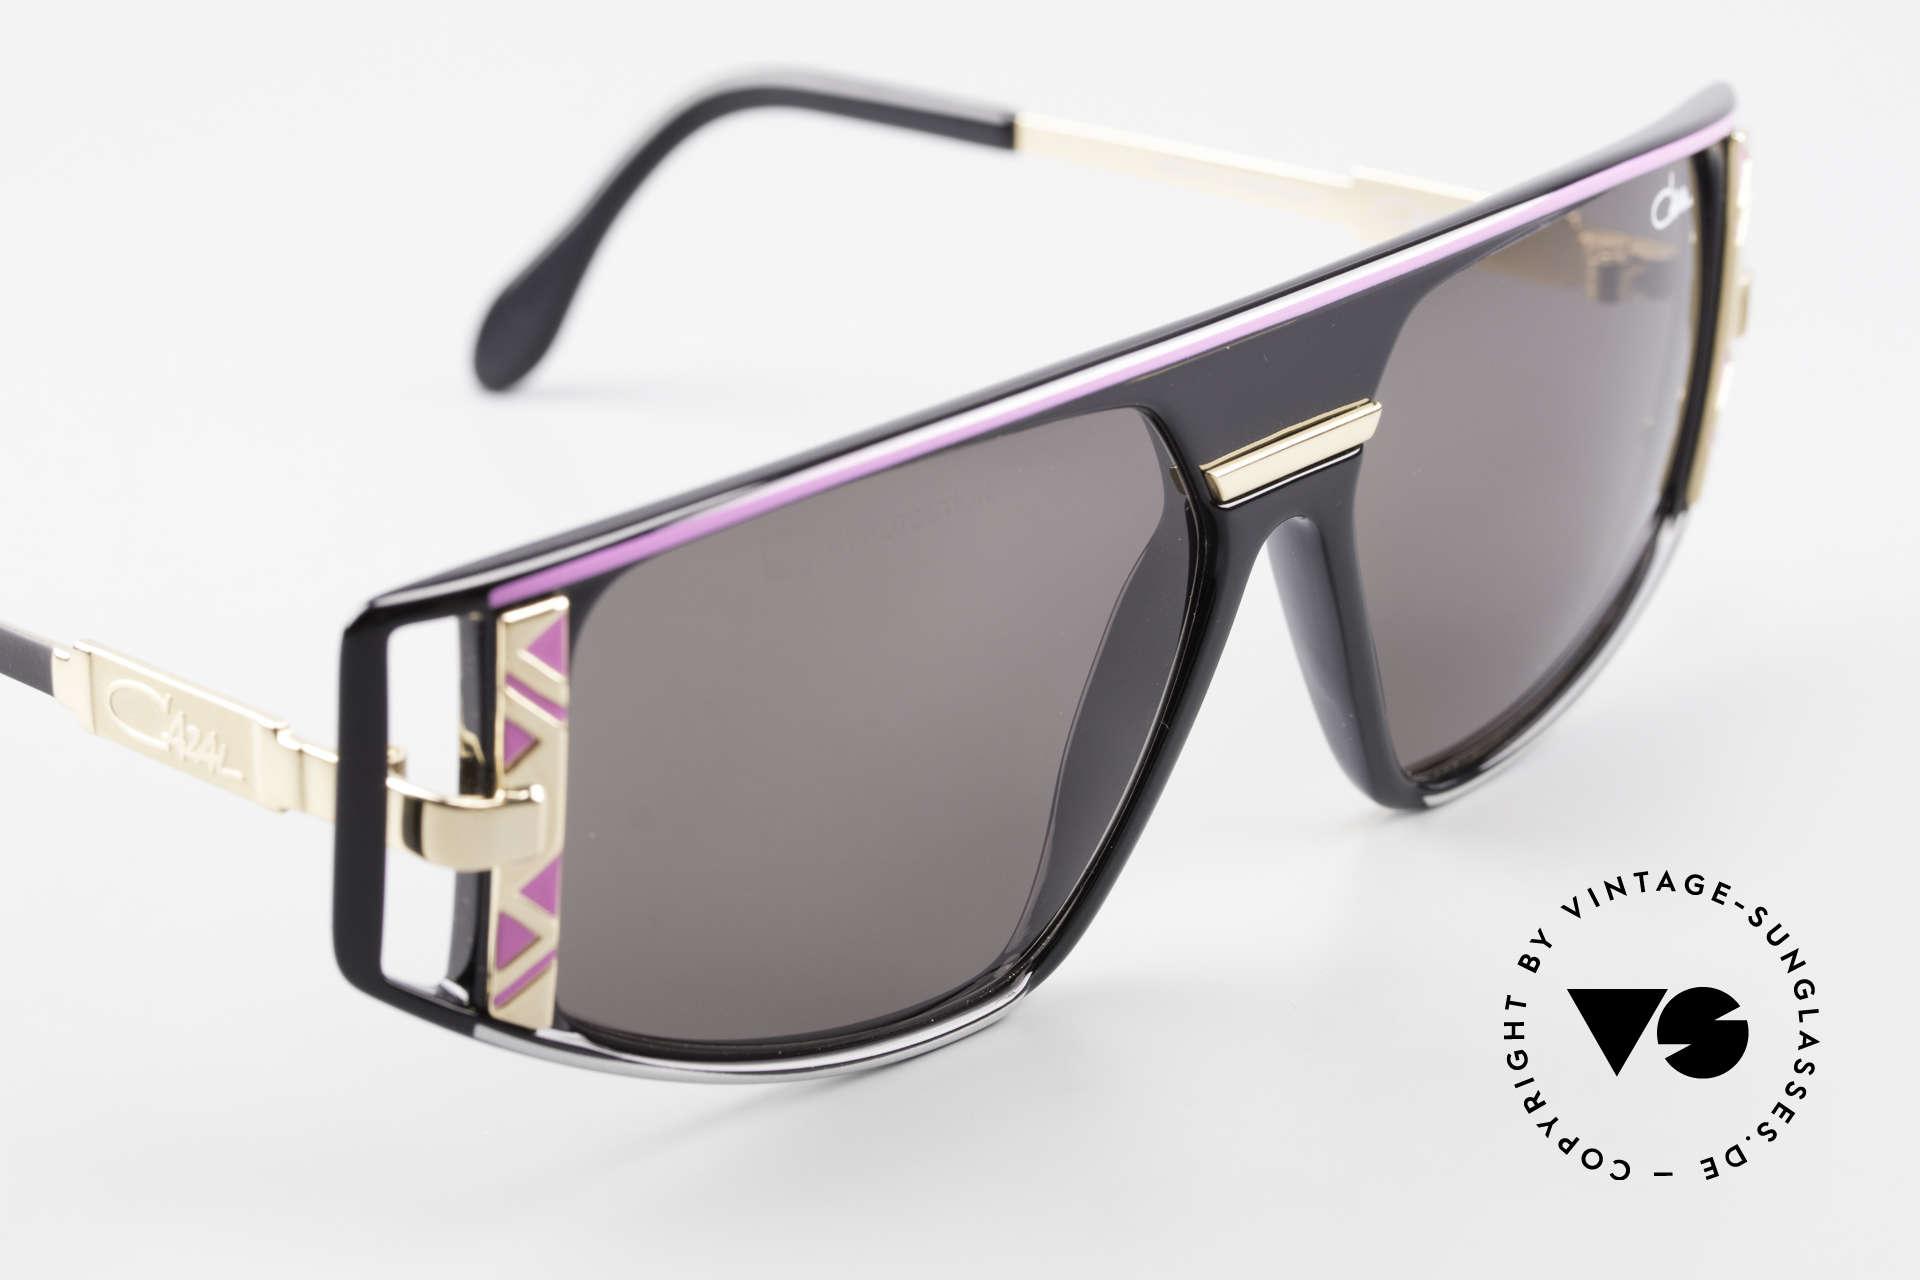 Cazal 874 Lady Gaga Sonnenbrille 90er, Unisex-Modell, ungetragen und mit orig. Cazal Etui, Passend für Herren und Damen